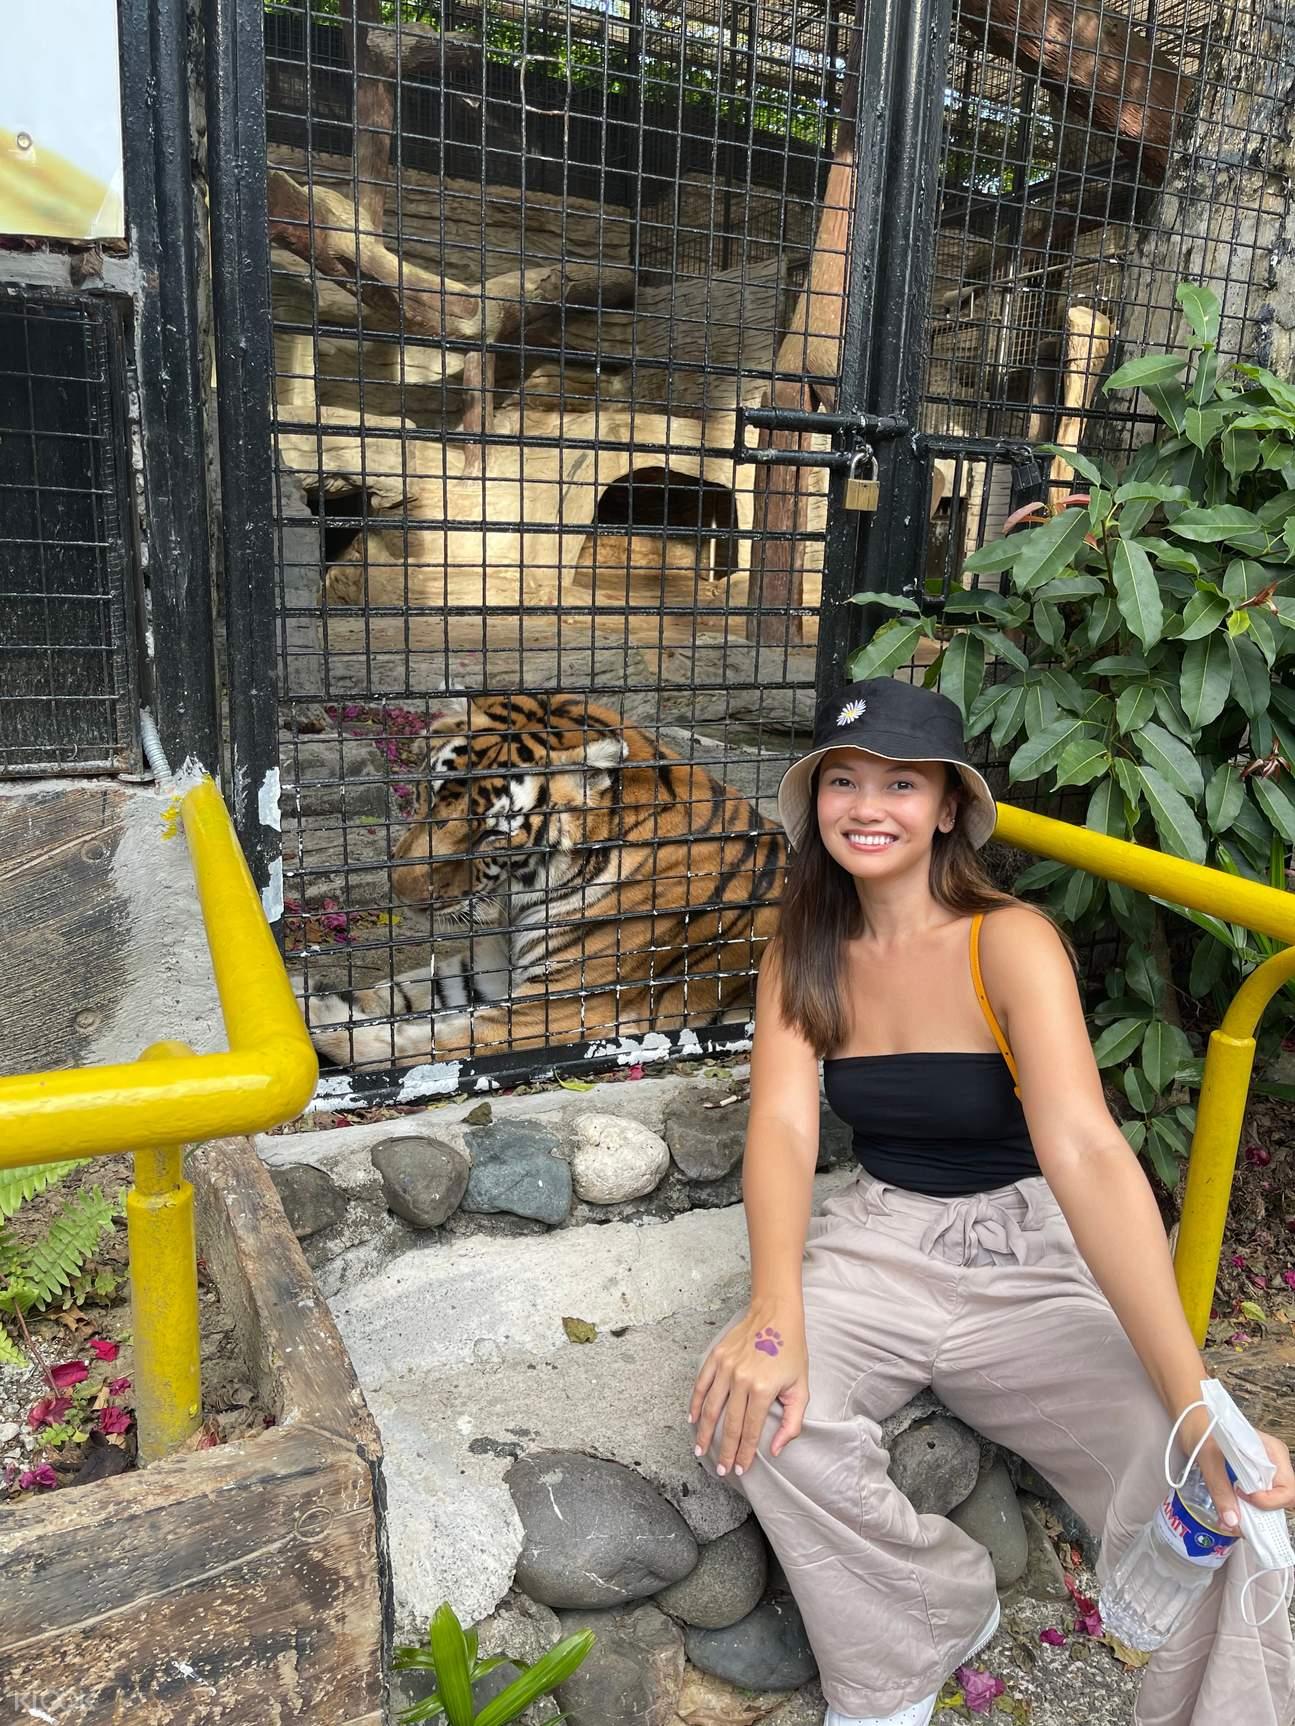 girl with tiger in avilon zoo